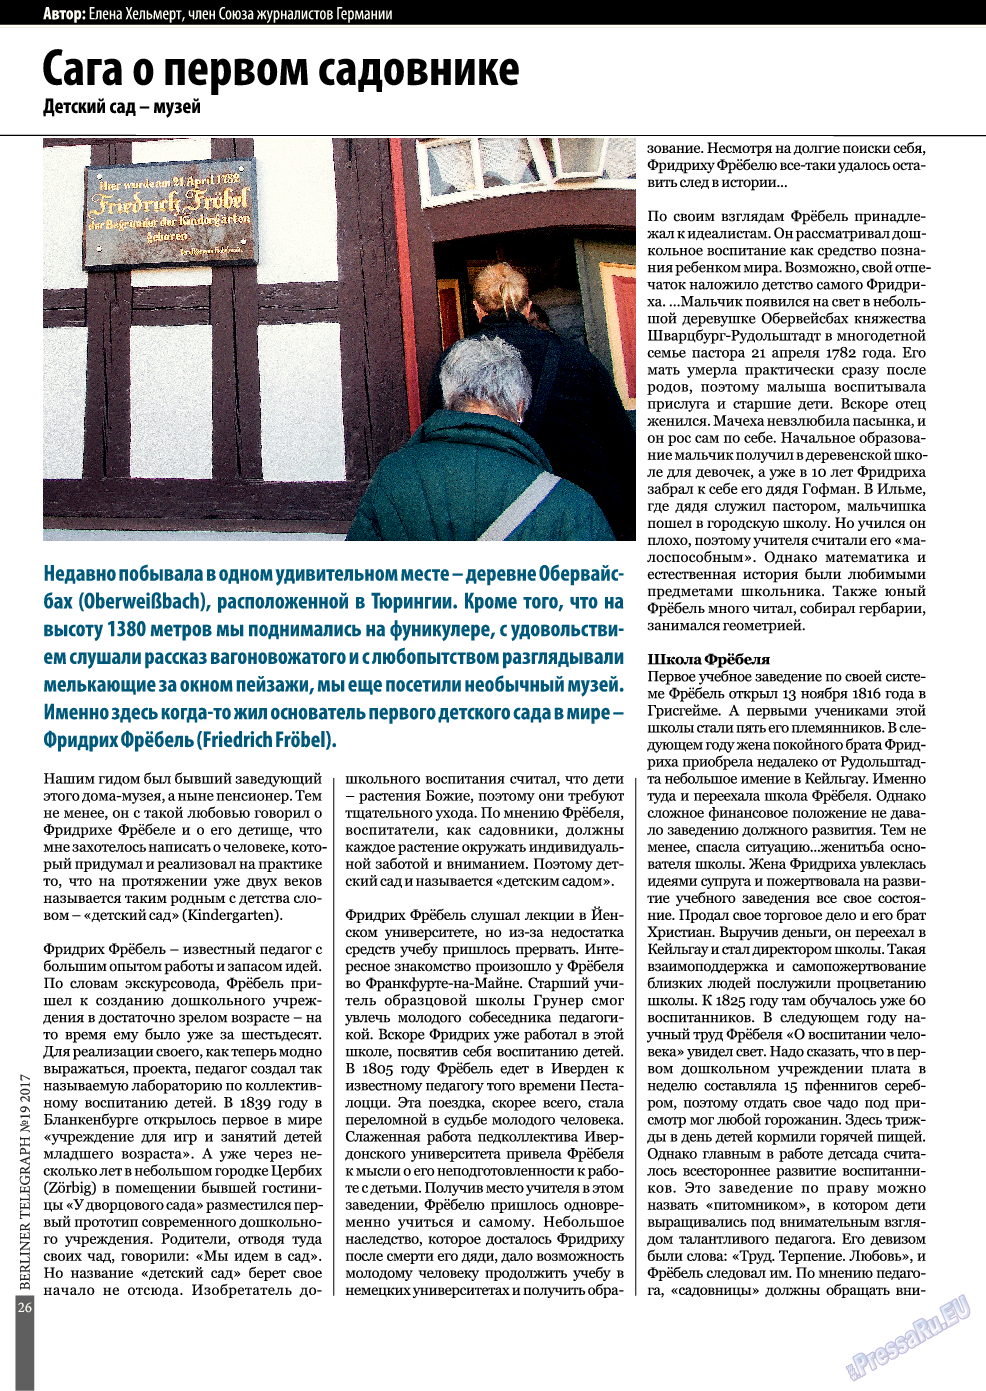 Берлинский телеграф (журнал). 2017 год, номер 19, стр. 26